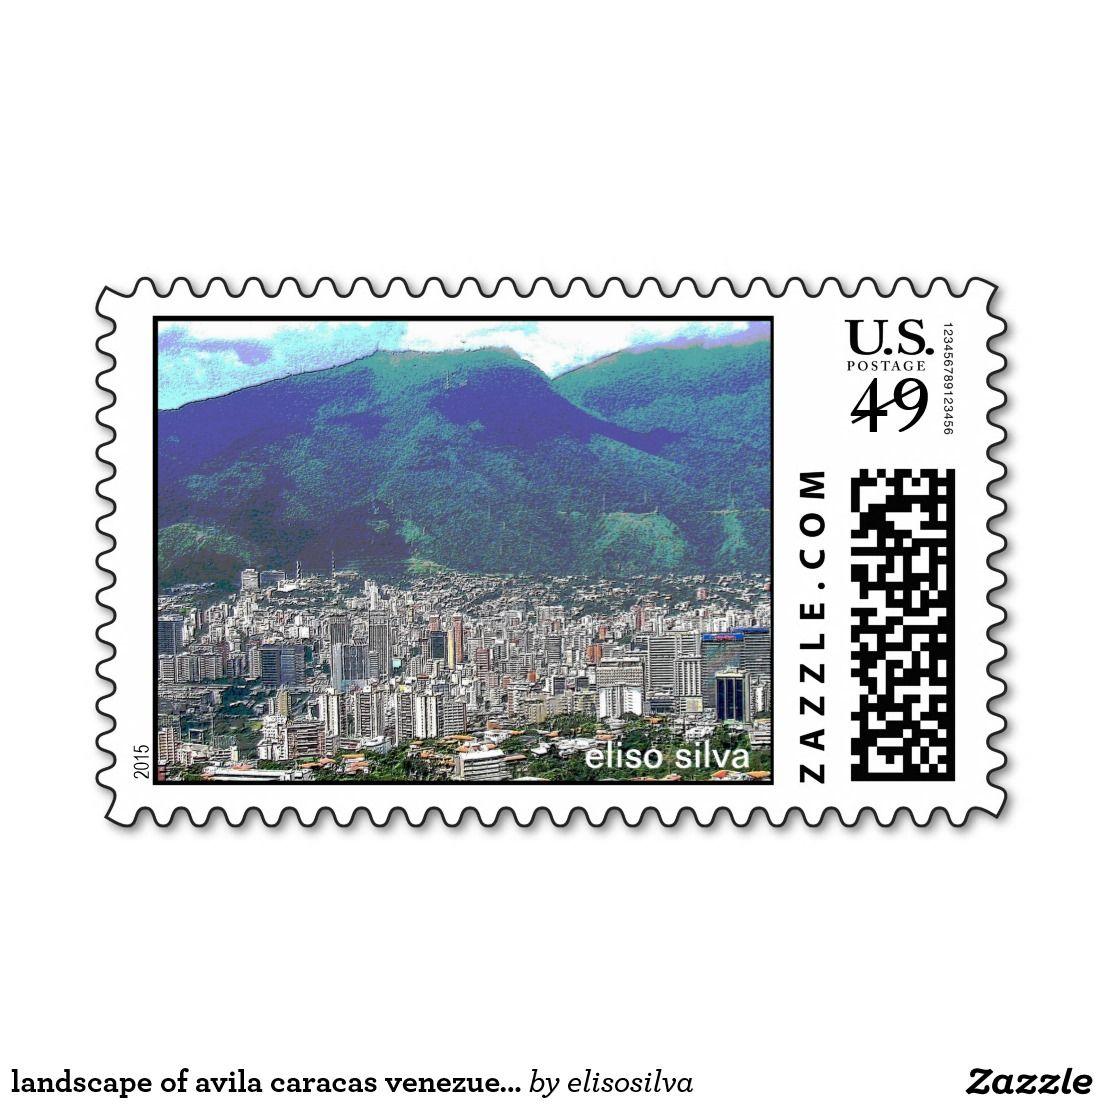 landscape of avila caracas venezuela (eliso) sello postal